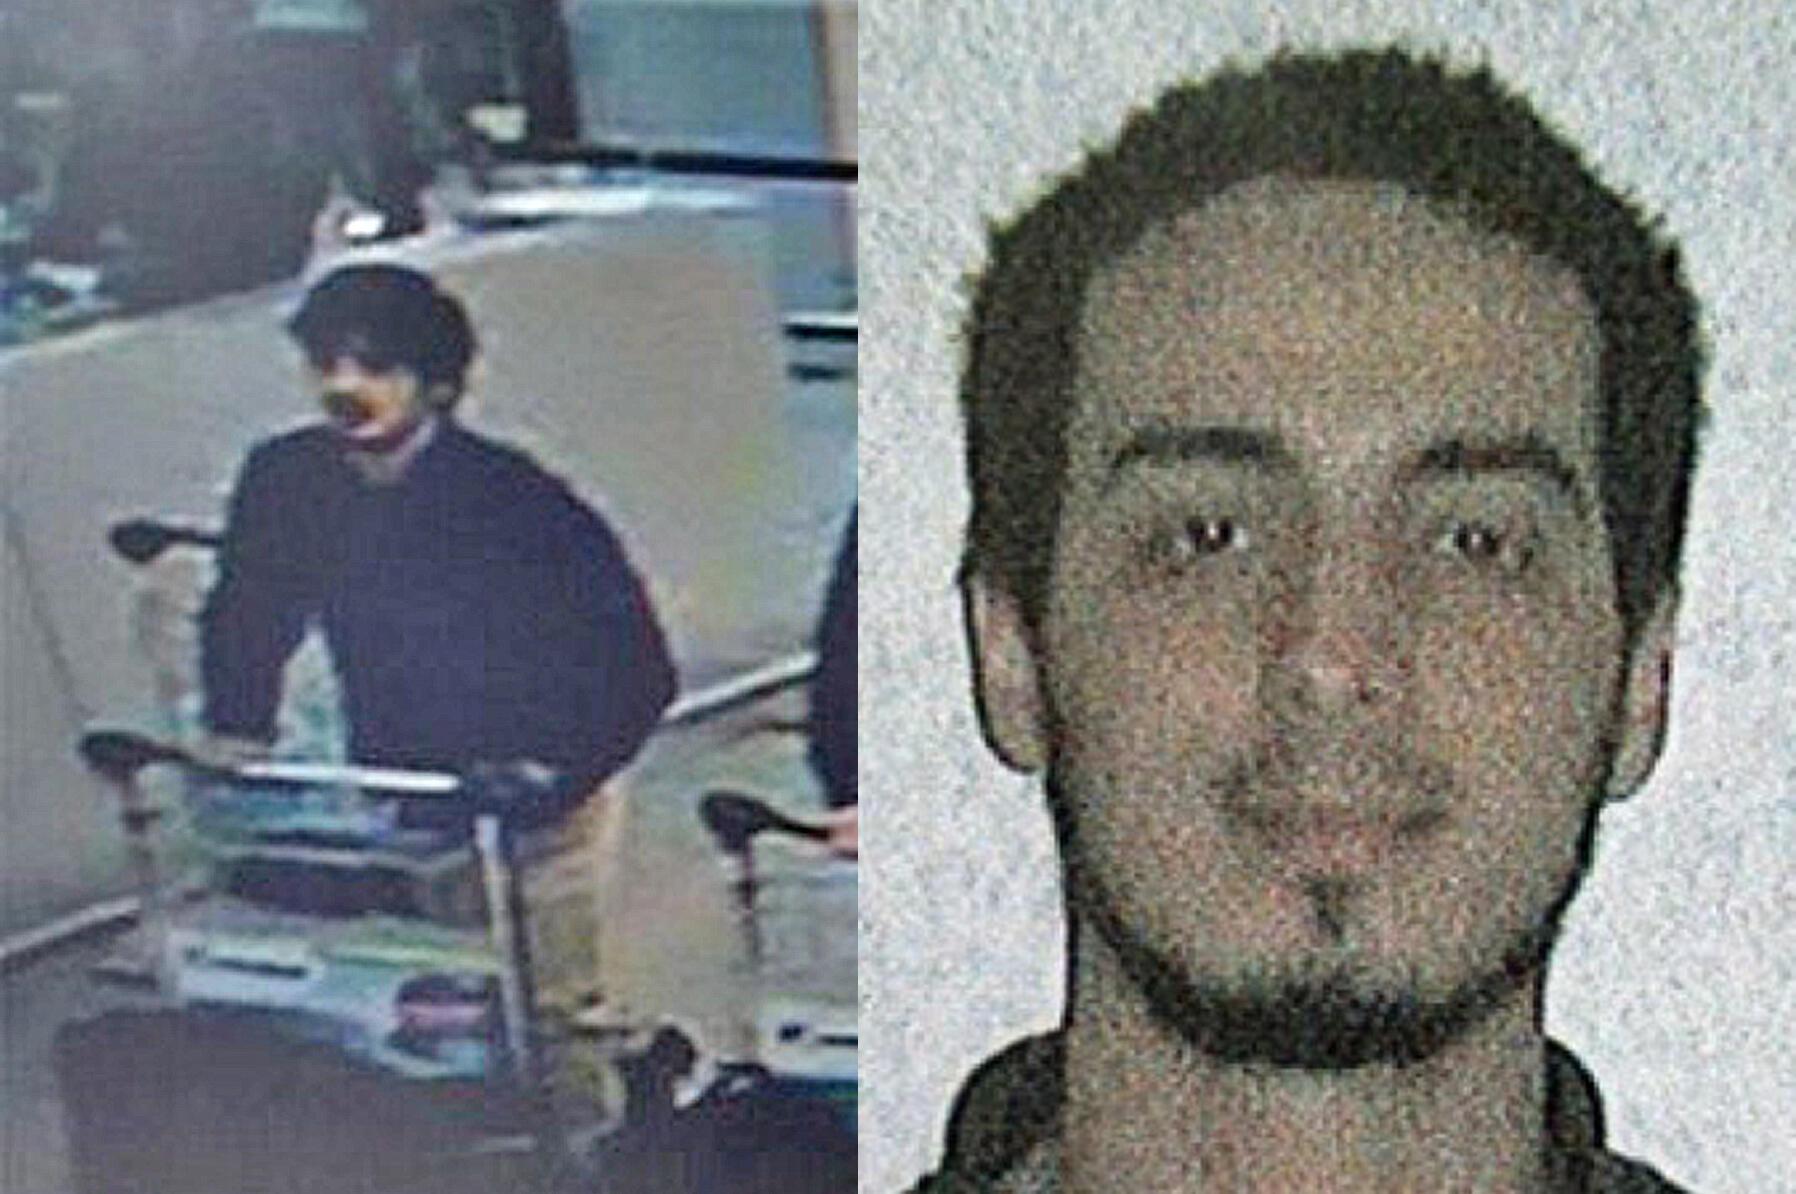 Najim Laachraoui, 25 tuổi, là một trong những kẻ đánh bom tự sát tại sân bay quốc tế Zaventem-Bruxelles, ngày 22/03/2016, từng làm việc tại đây trong vòng 5 năm.